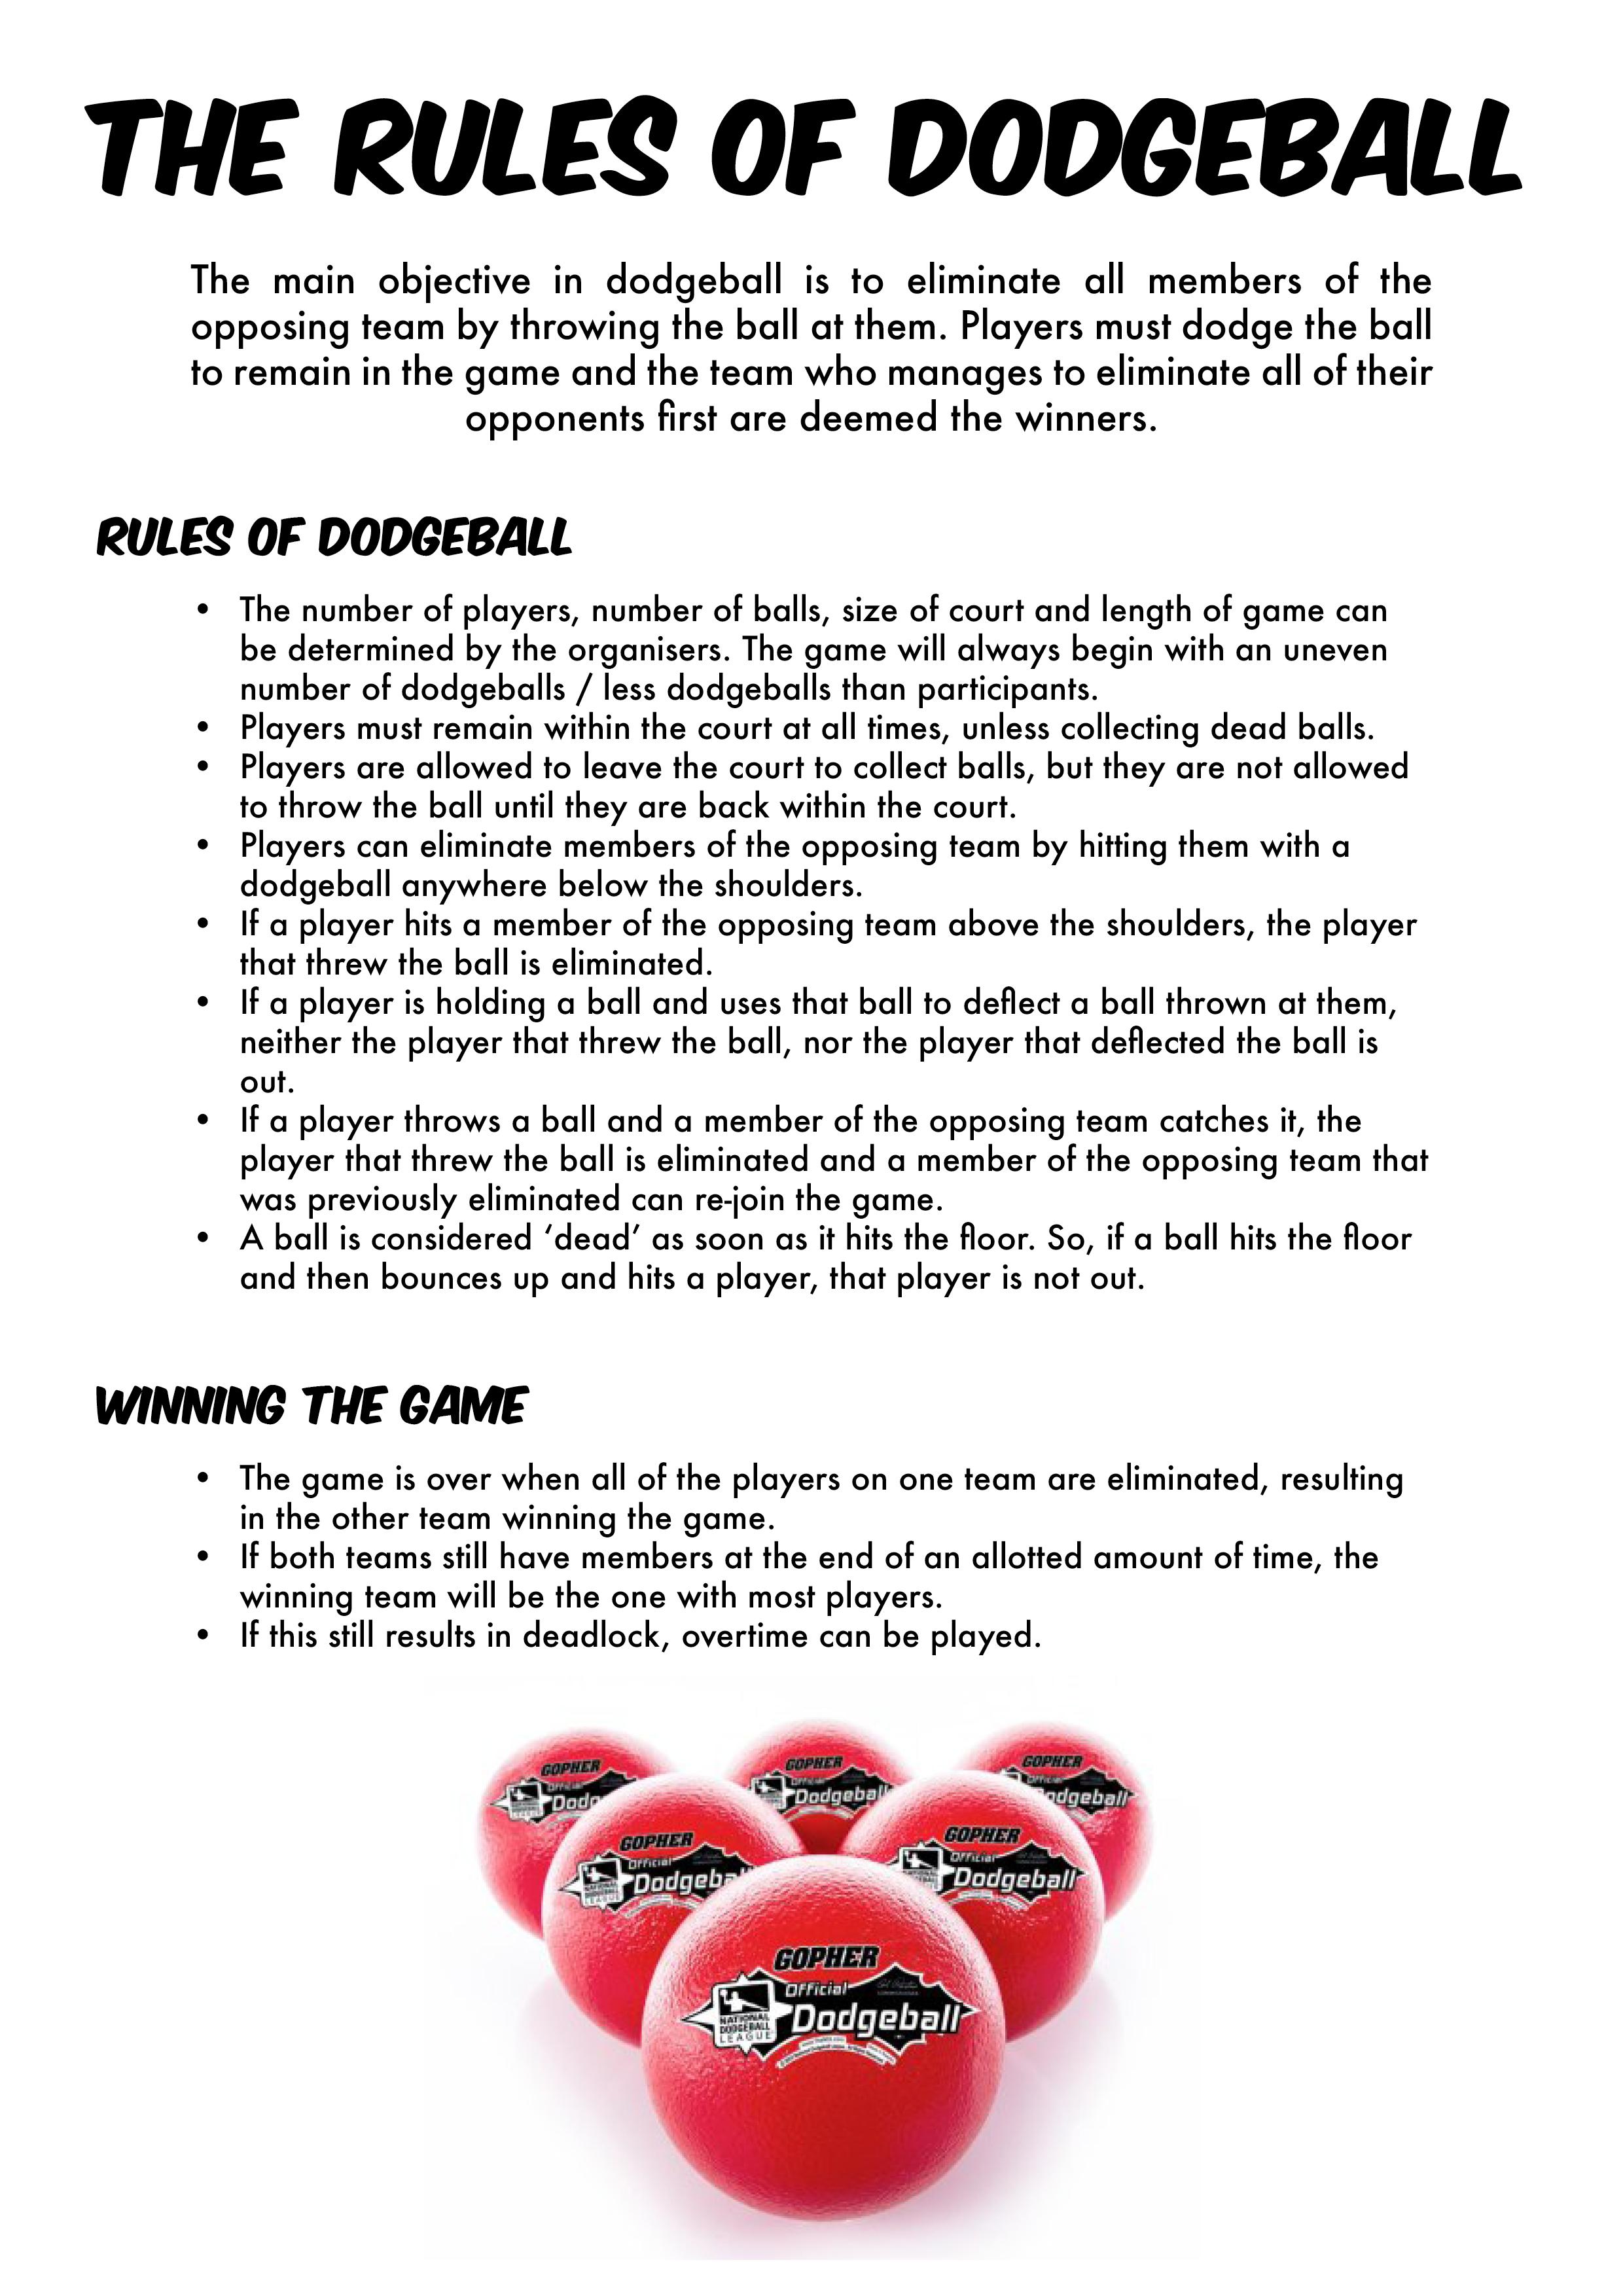 dodgeballrules1864.jpg